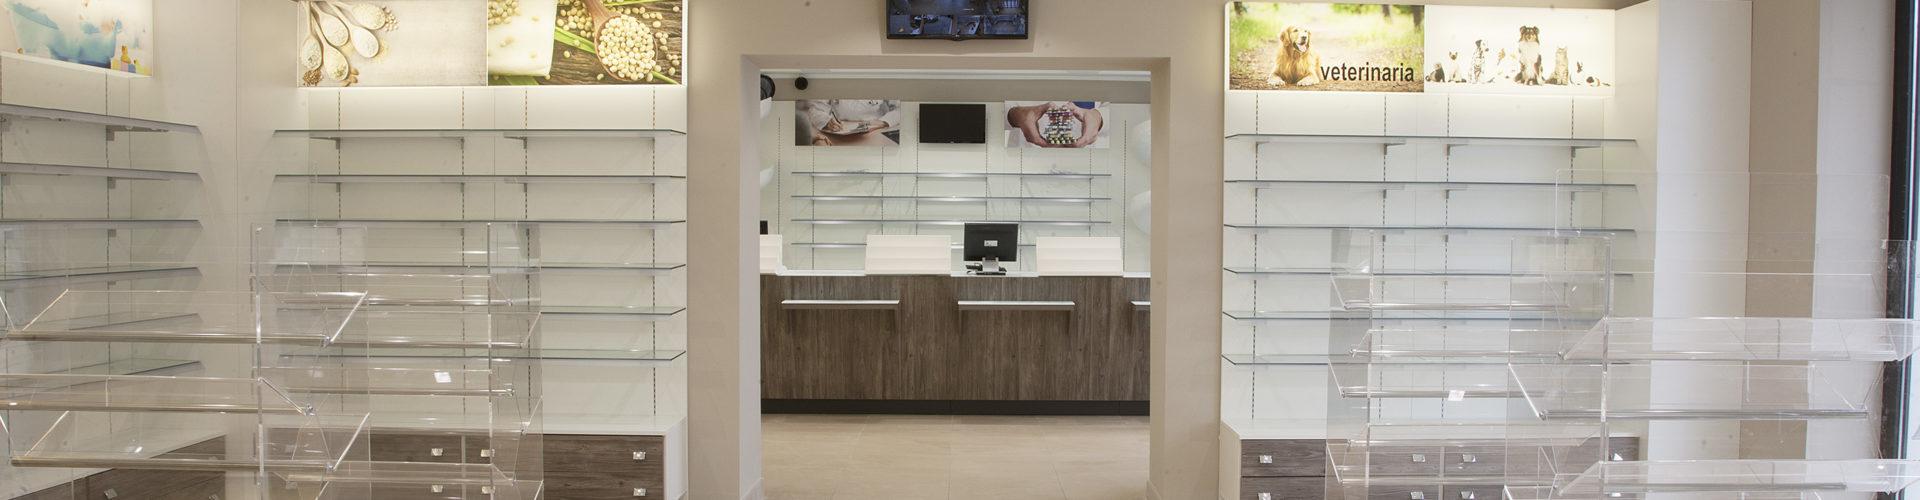 FarmaDesign realizzazione Farmacia Scarnò (Morena)